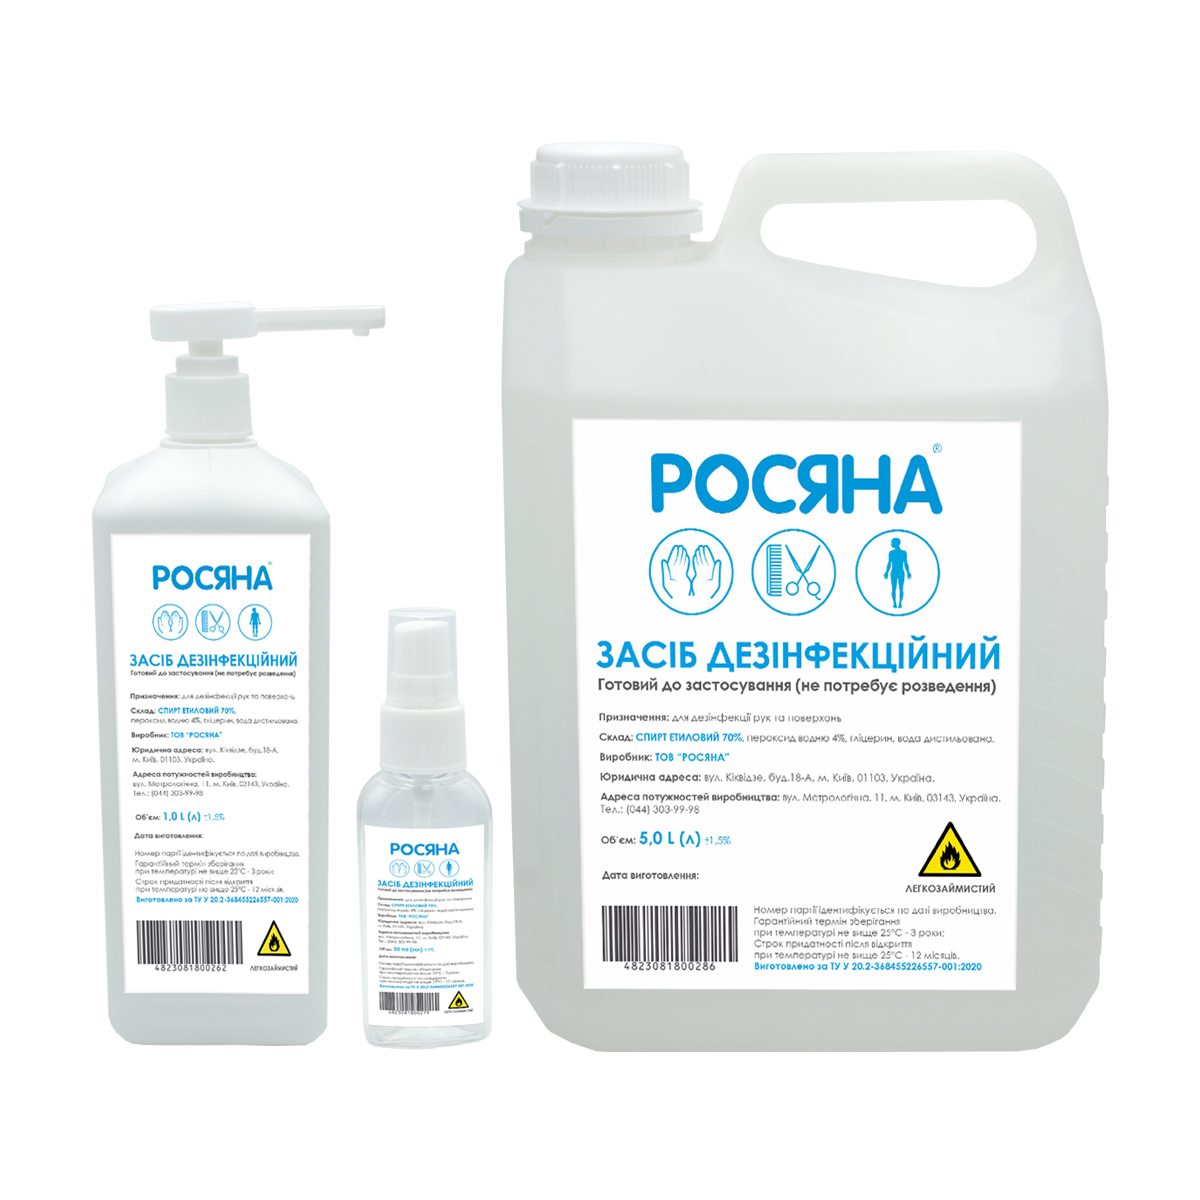 Антисептик - засіб для дезінфекції - rosiana.ua - 380-44-303-999-3